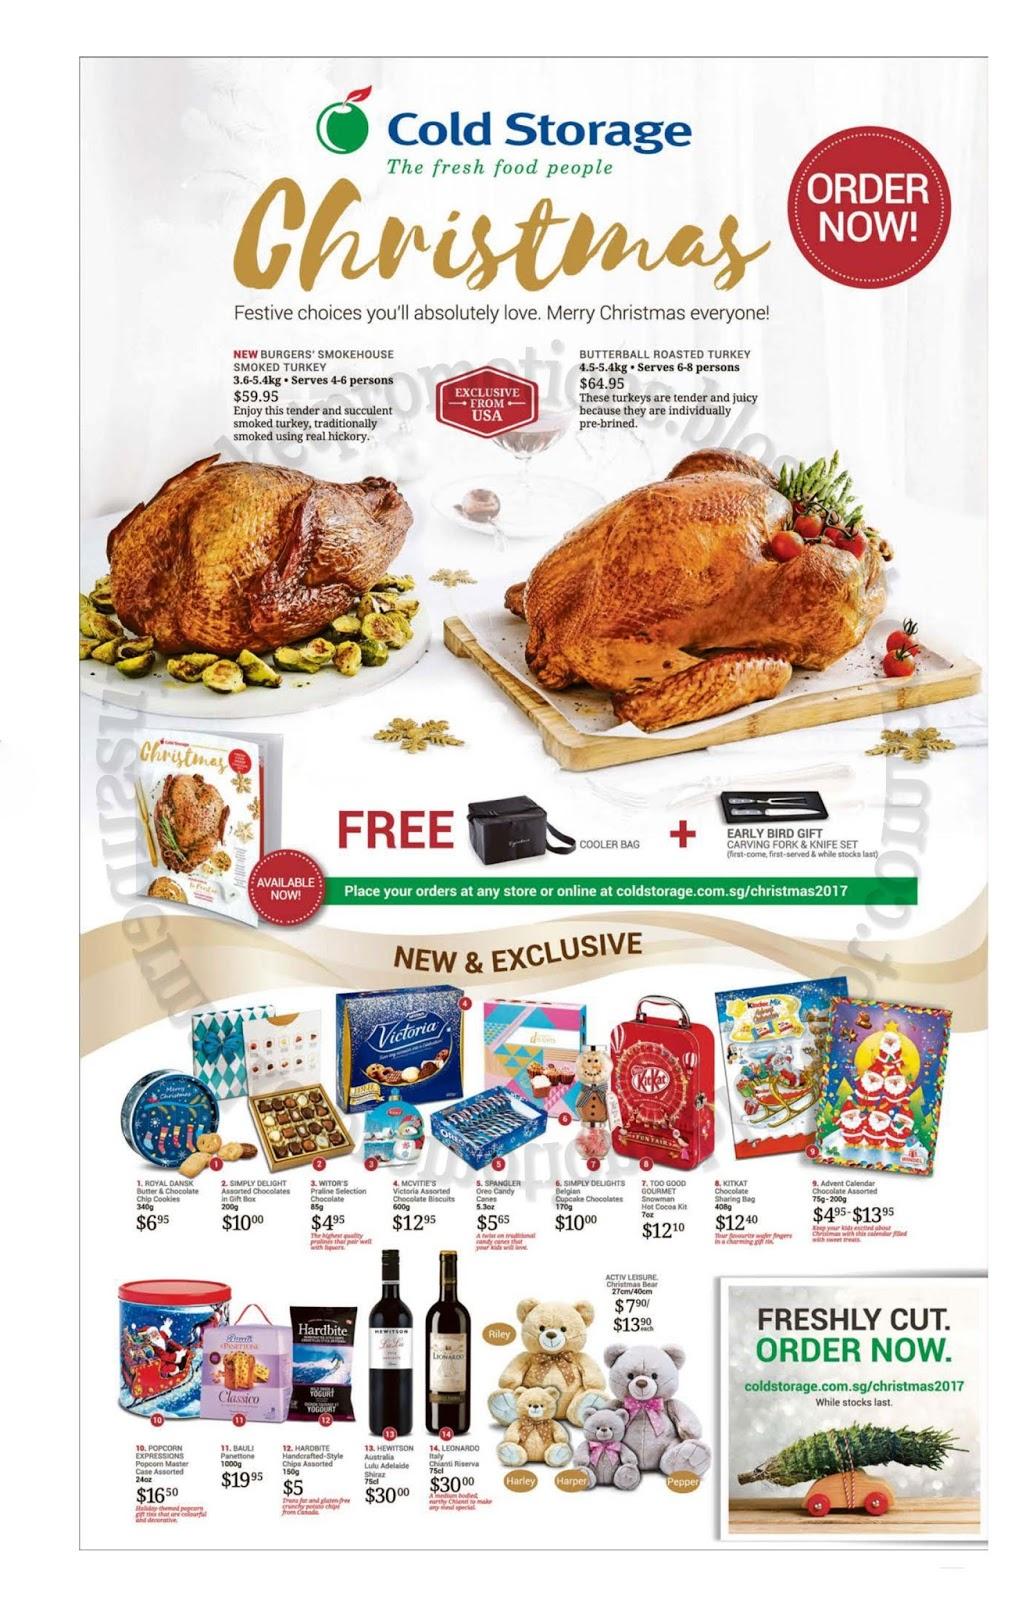 Cold Storage Christmas Order 17 November 2017 ~ Supermarket Promotions